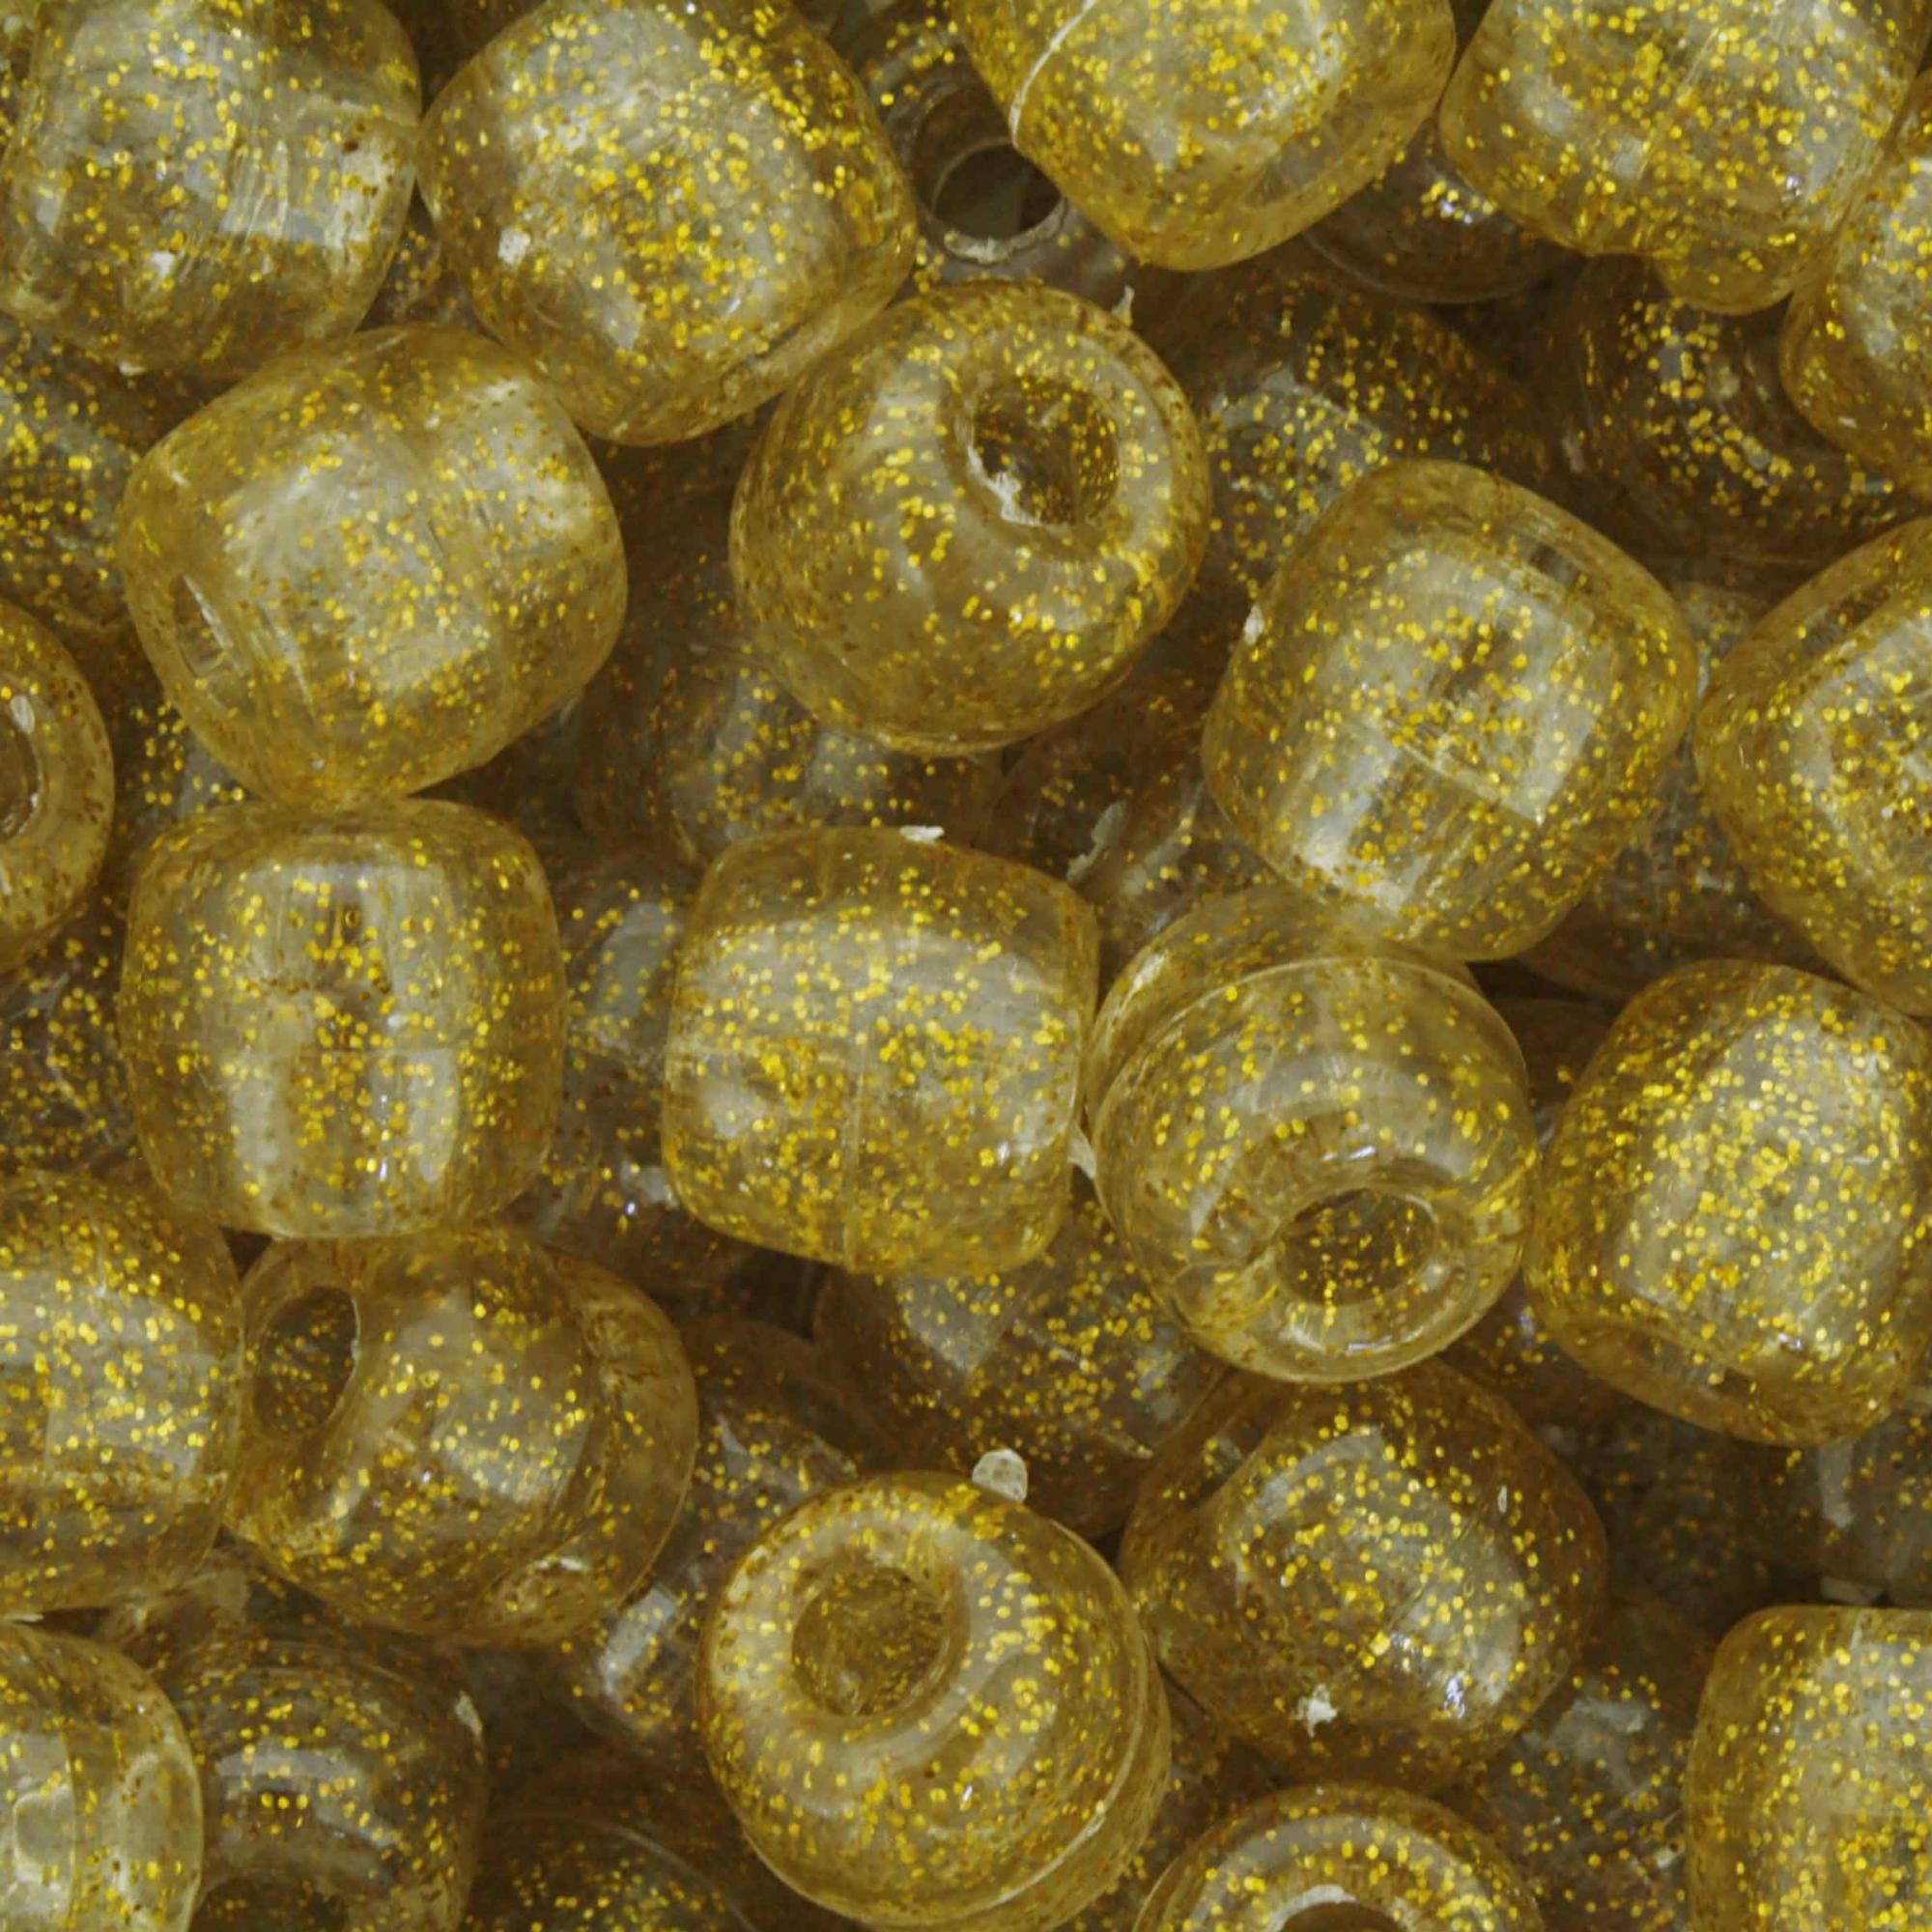 Miçangão Plástico - Tererê® - Glitter Dourado  - Stéphanie Bijoux® - Peças para Bijuterias e Artesanato